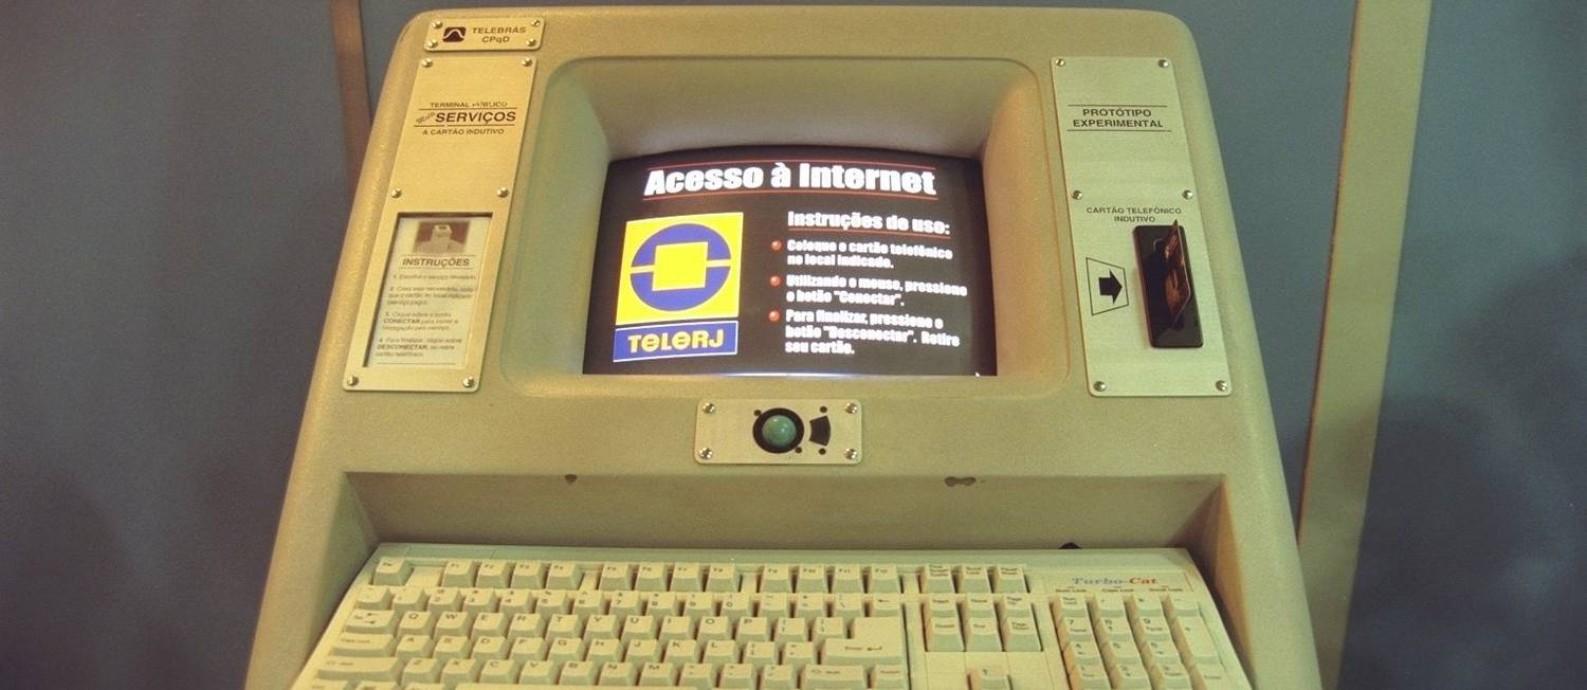 Terminal de acesso à internet no posto da antiga Telerj, em 1998 Foto: Simone Marinho / Simone Marinho/Arquivo